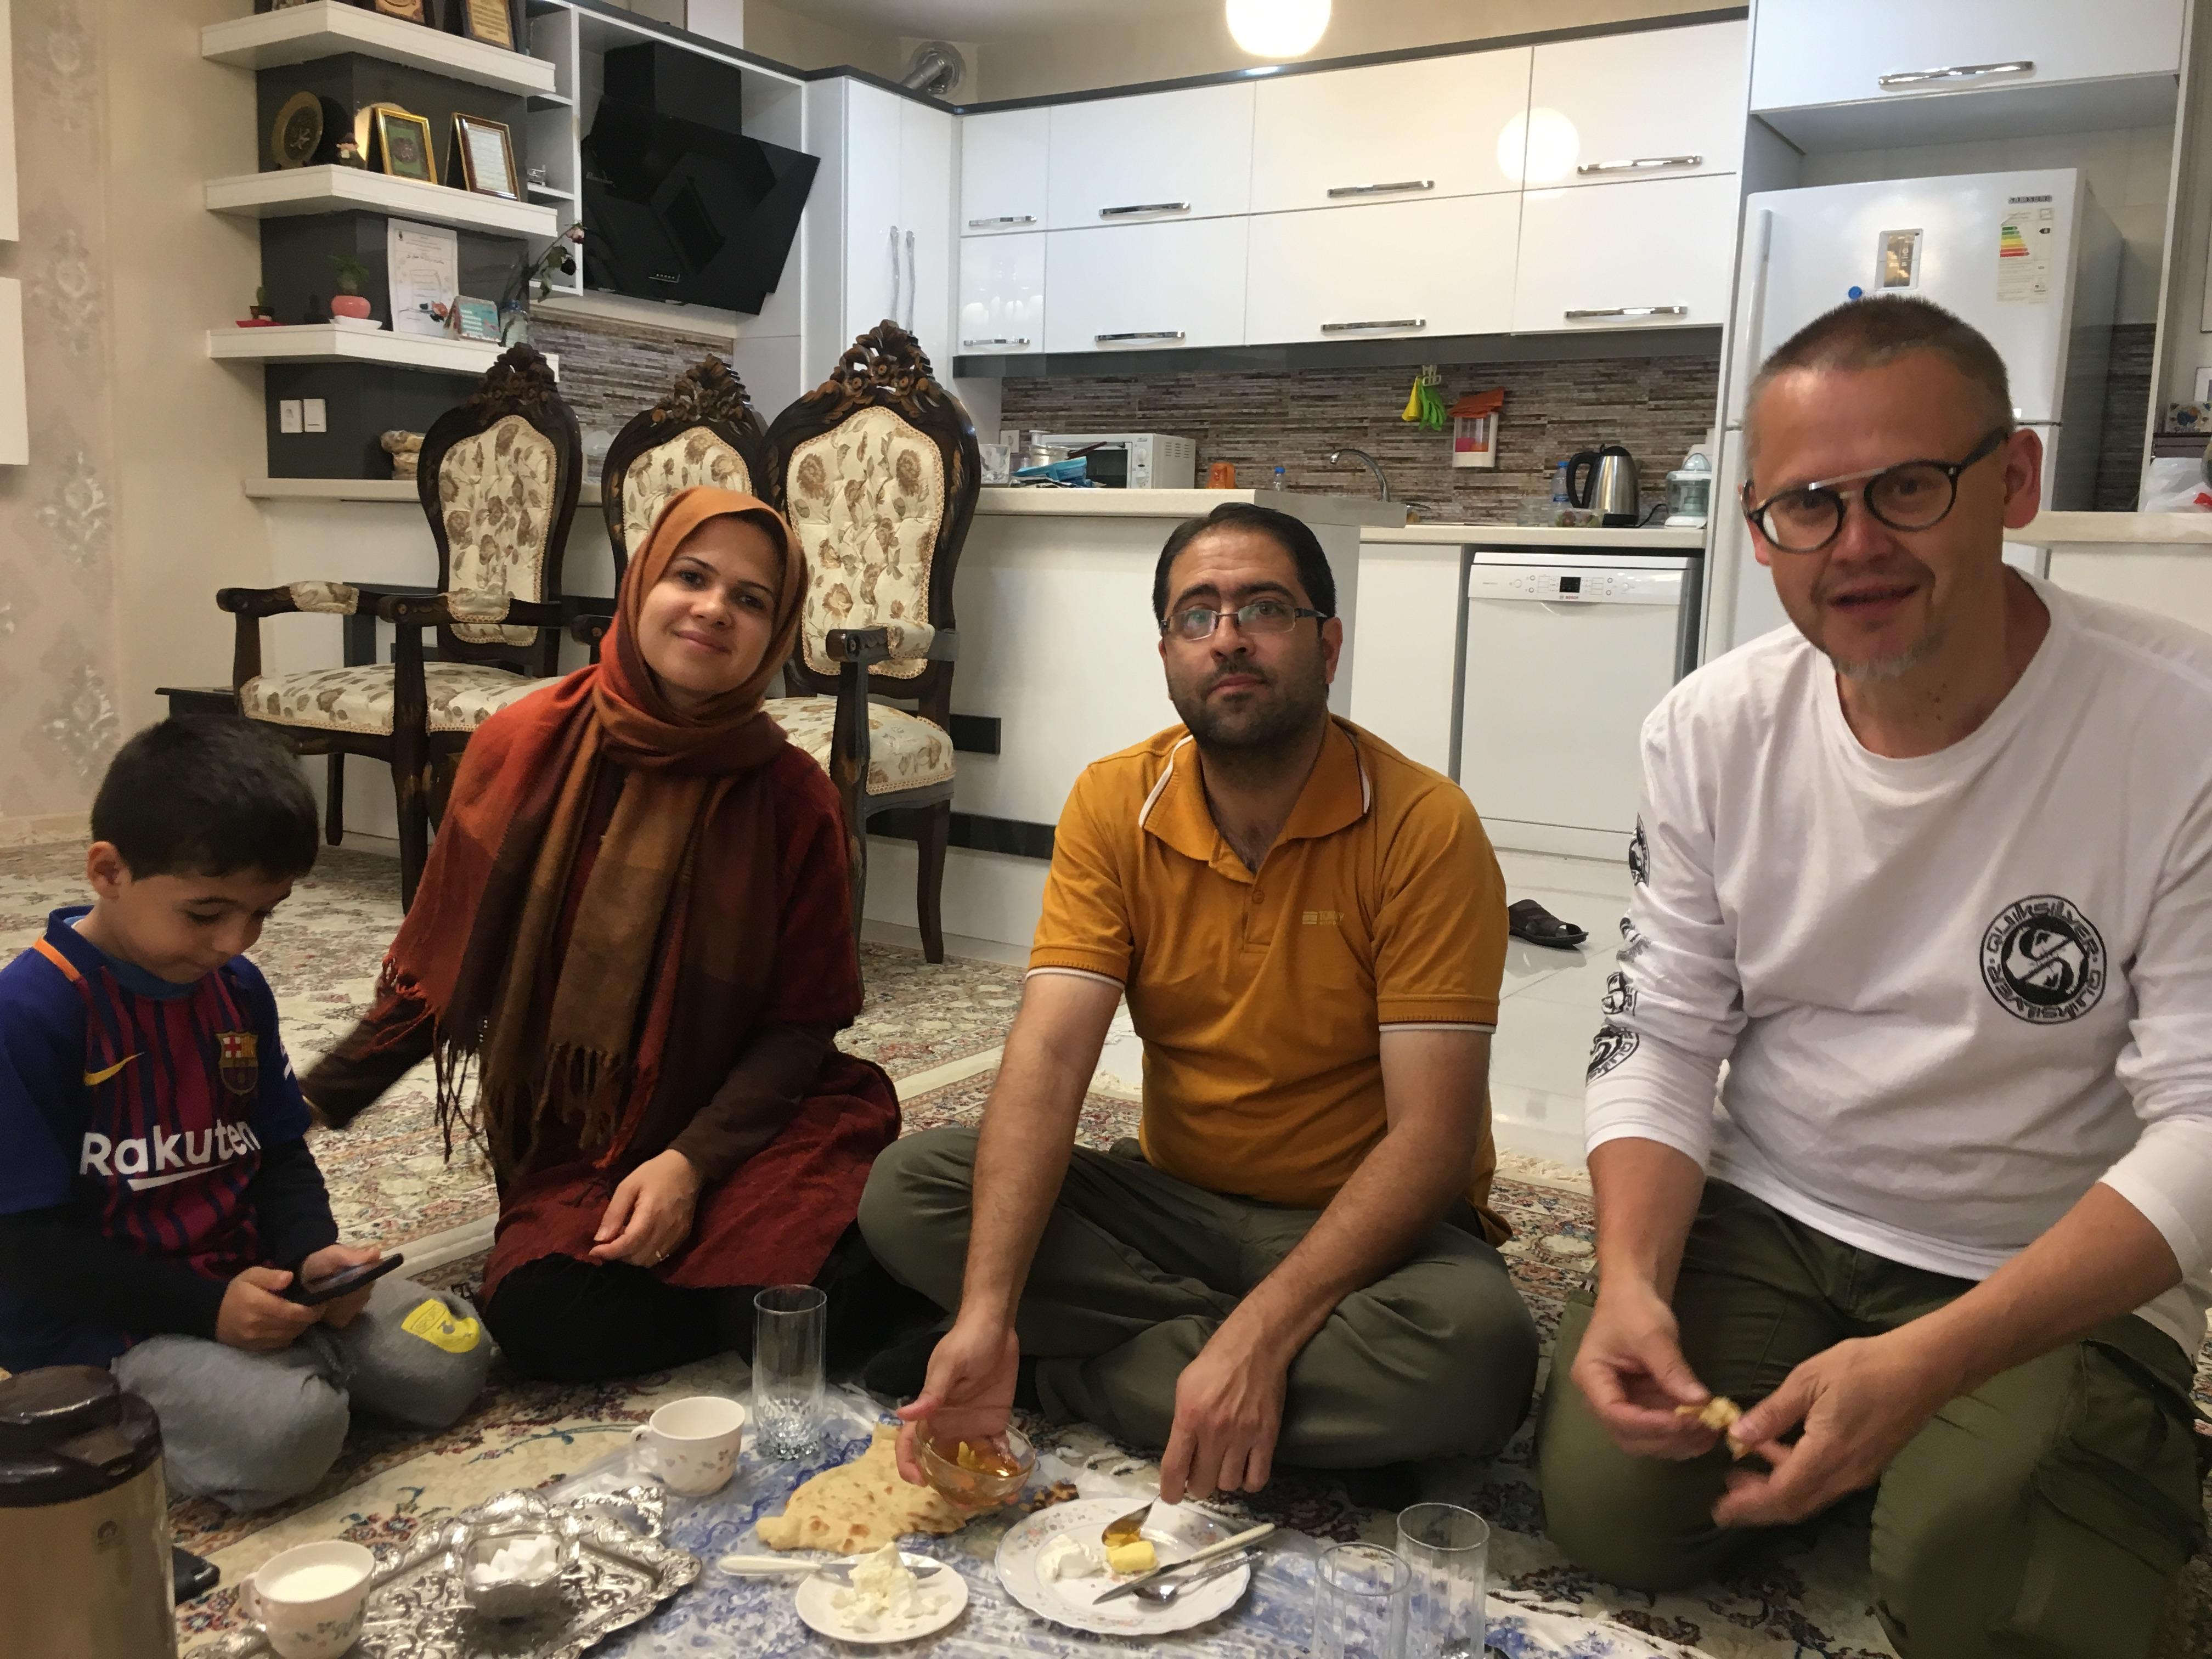 Gruzja-Armenia-Iran-Stambuł. Dzień 11: Persepolis 14